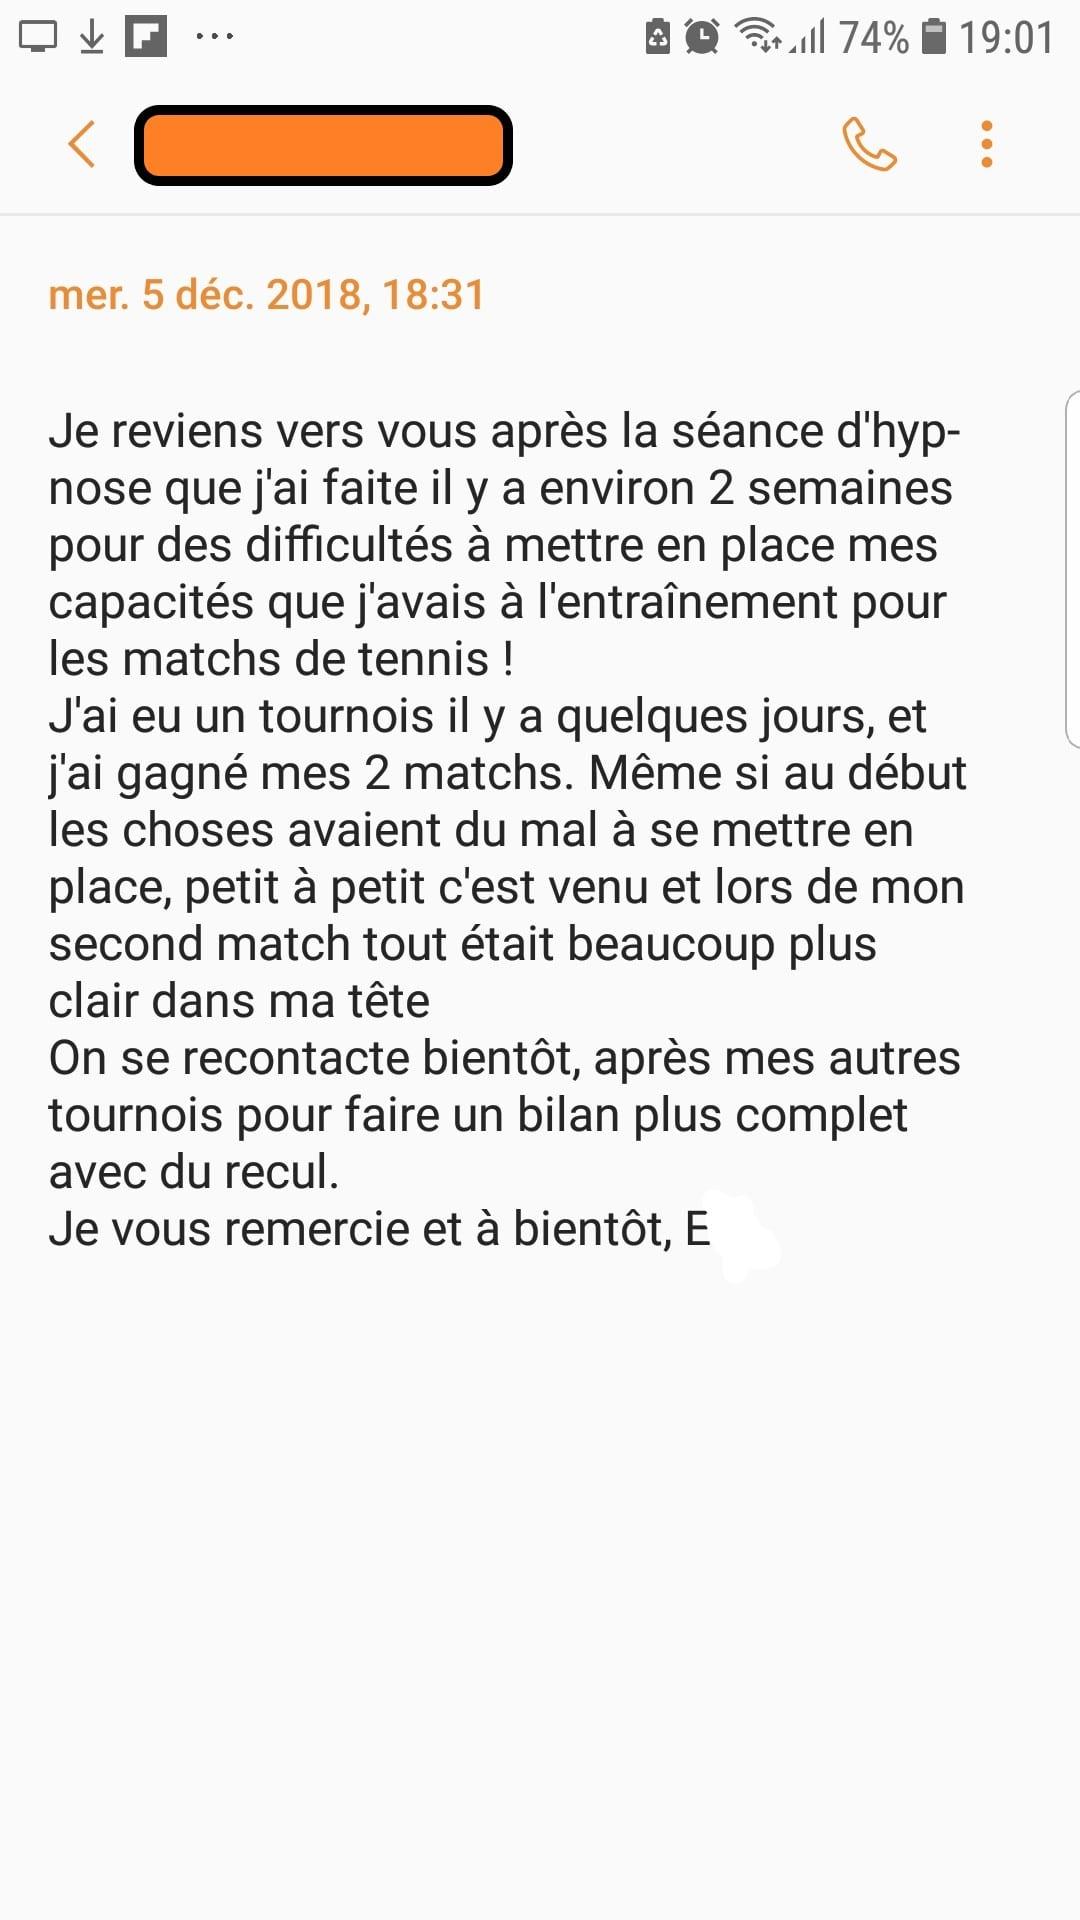 Shaff Ben Amar - Avis E Antony Hypnose et Tennis - Hypnotiseur-Paris - Bourg-la-Reine - Sceaux - Fresnes - Arcueil - Cachan - Bagneux - Gentilly - L'Hay-Les-Roses